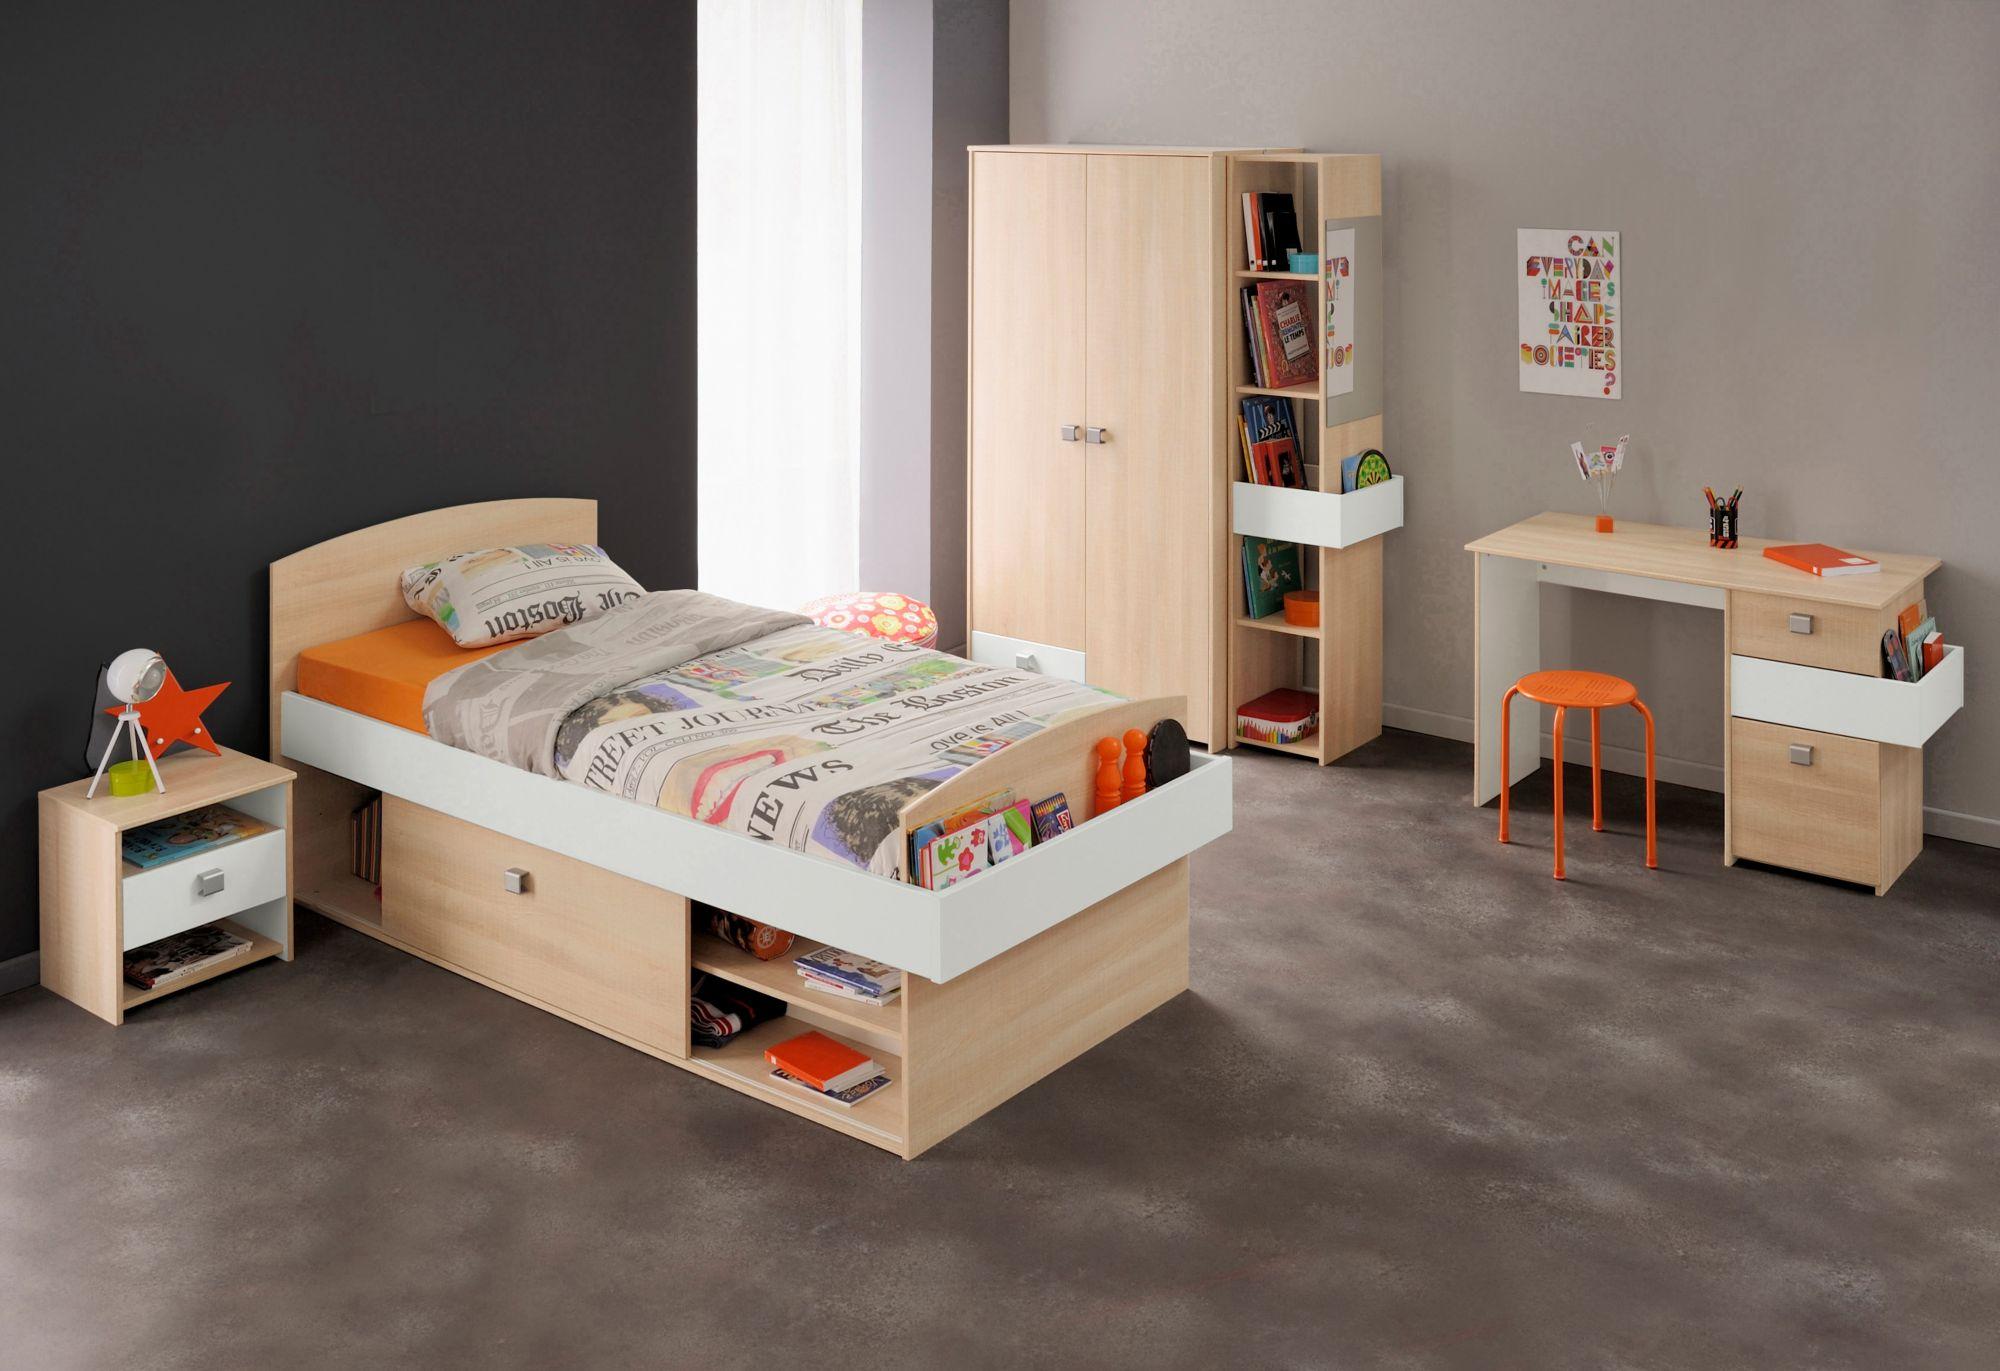 gartenmoebel sets g nstig online kaufen beim schwab versand. Black Bedroom Furniture Sets. Home Design Ideas